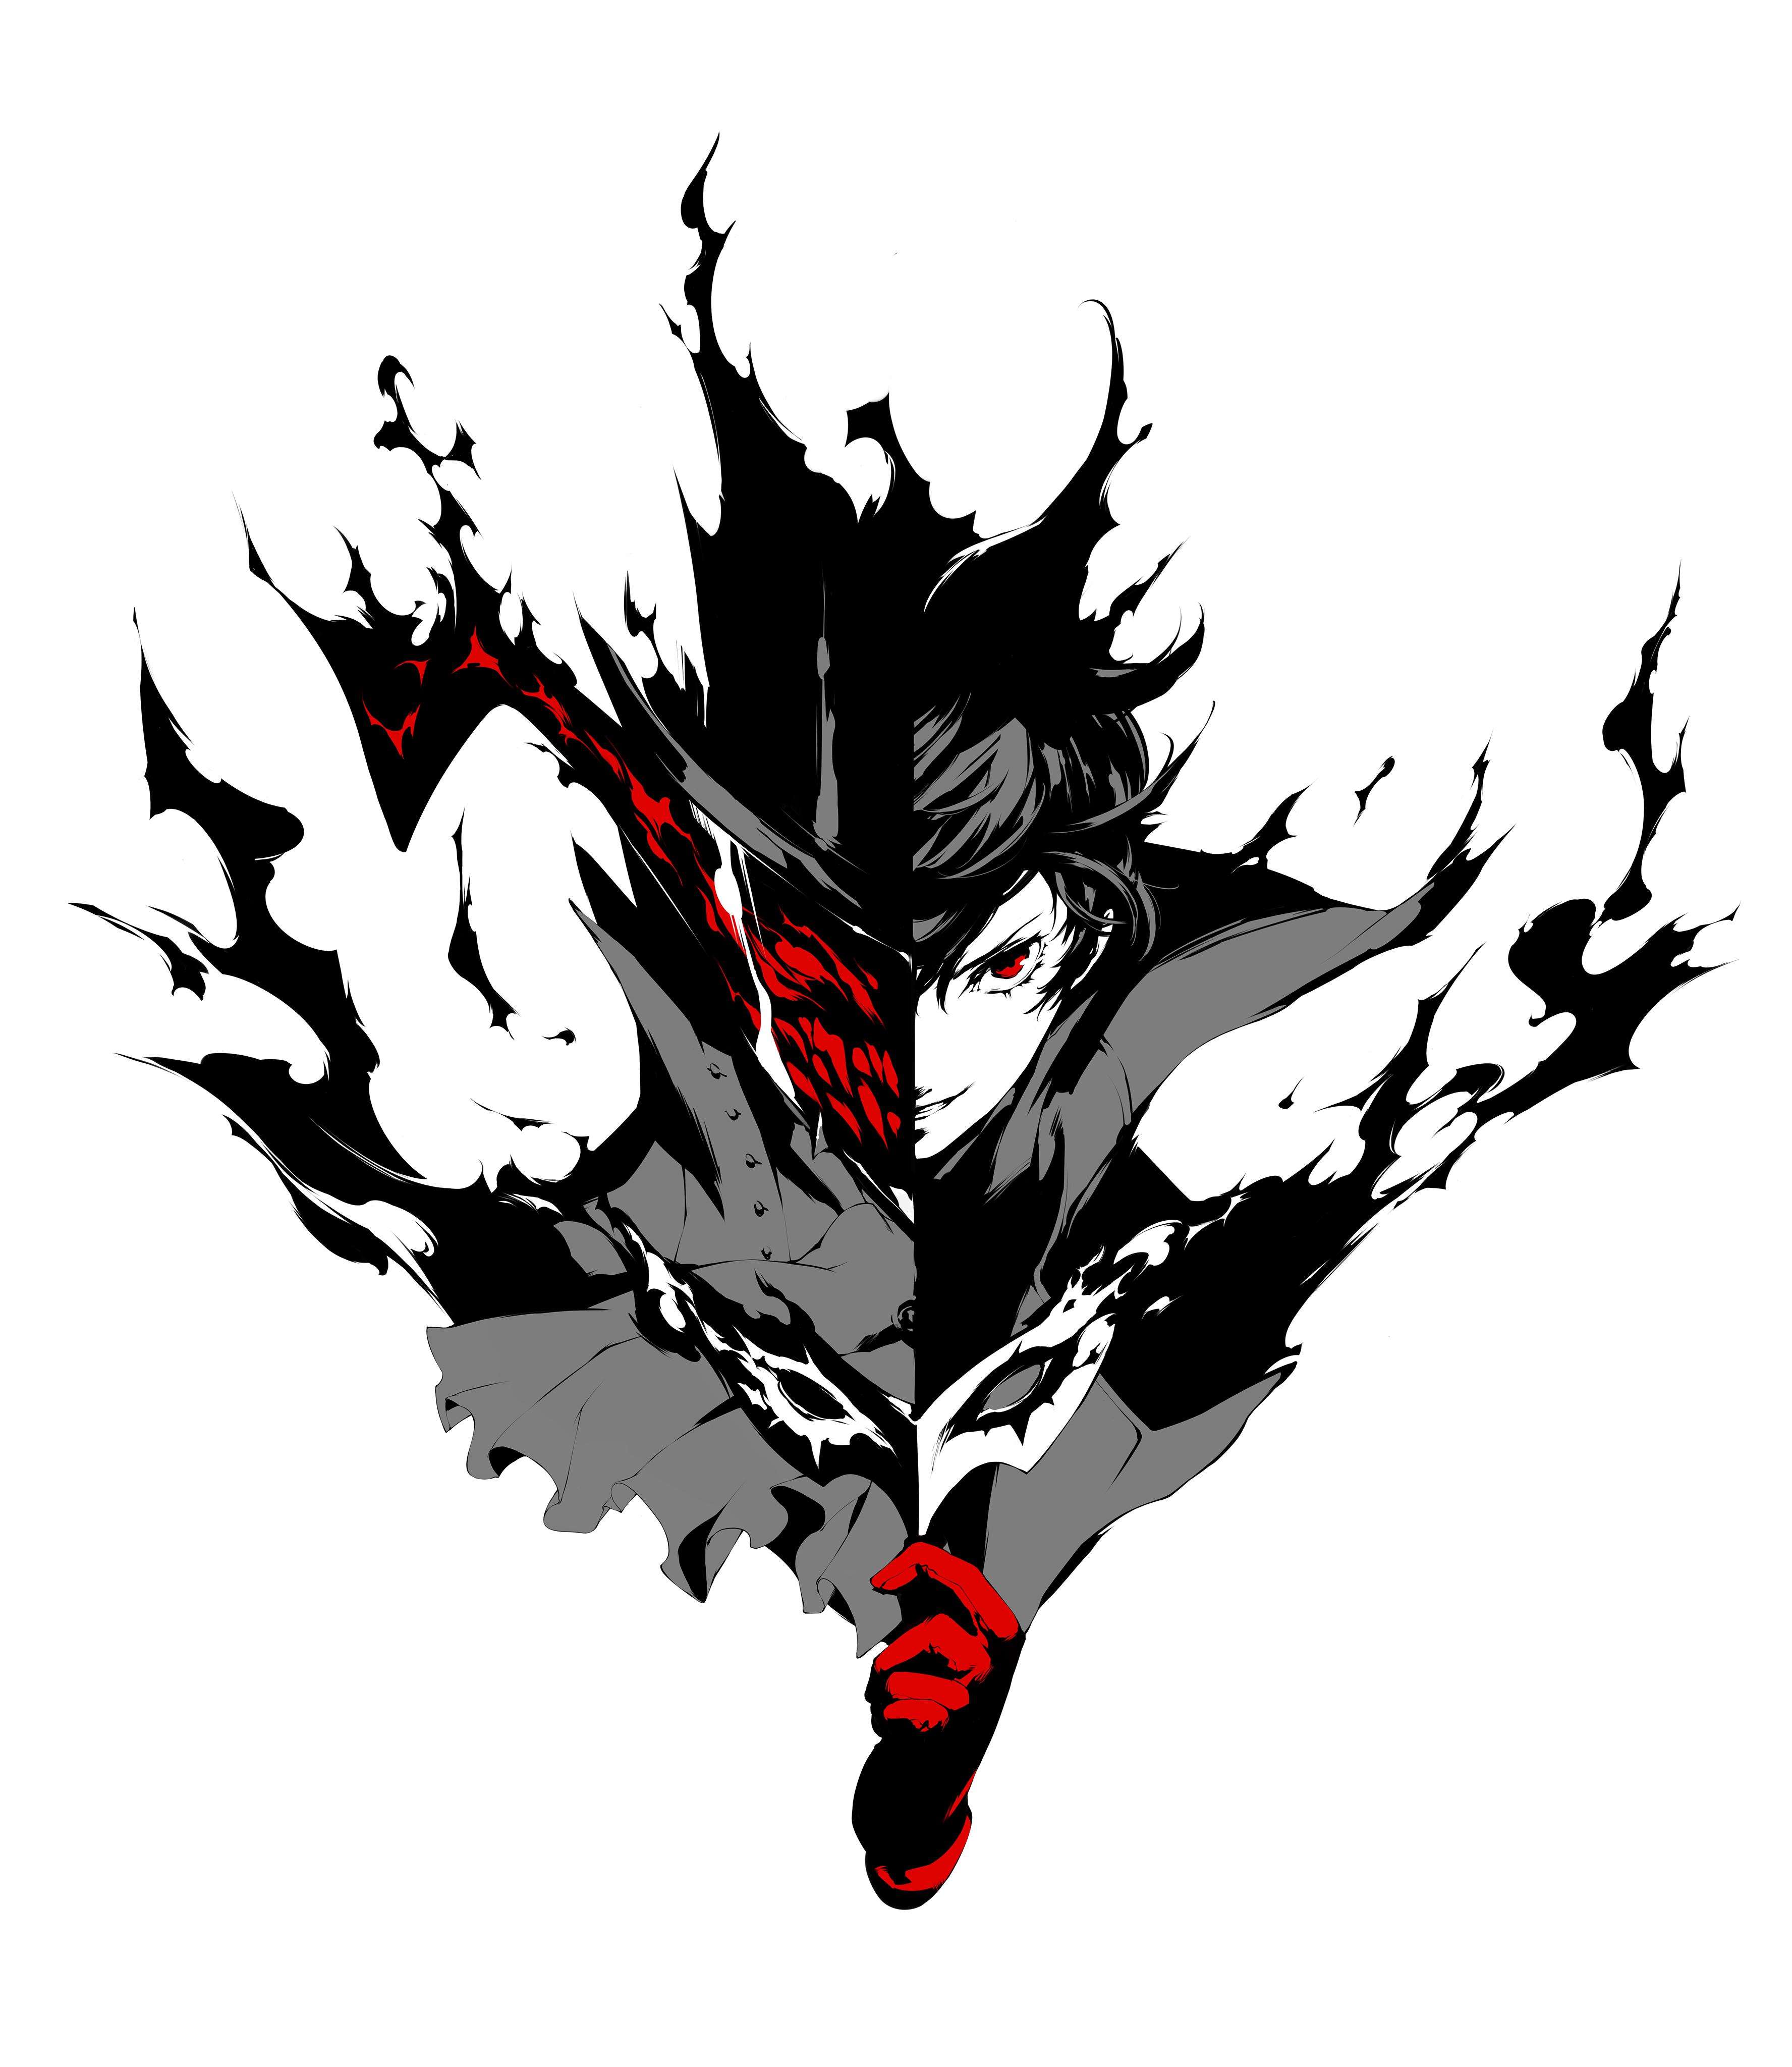 Arsene | Megami Tensei Wiki | FANDOM powered by Wikia